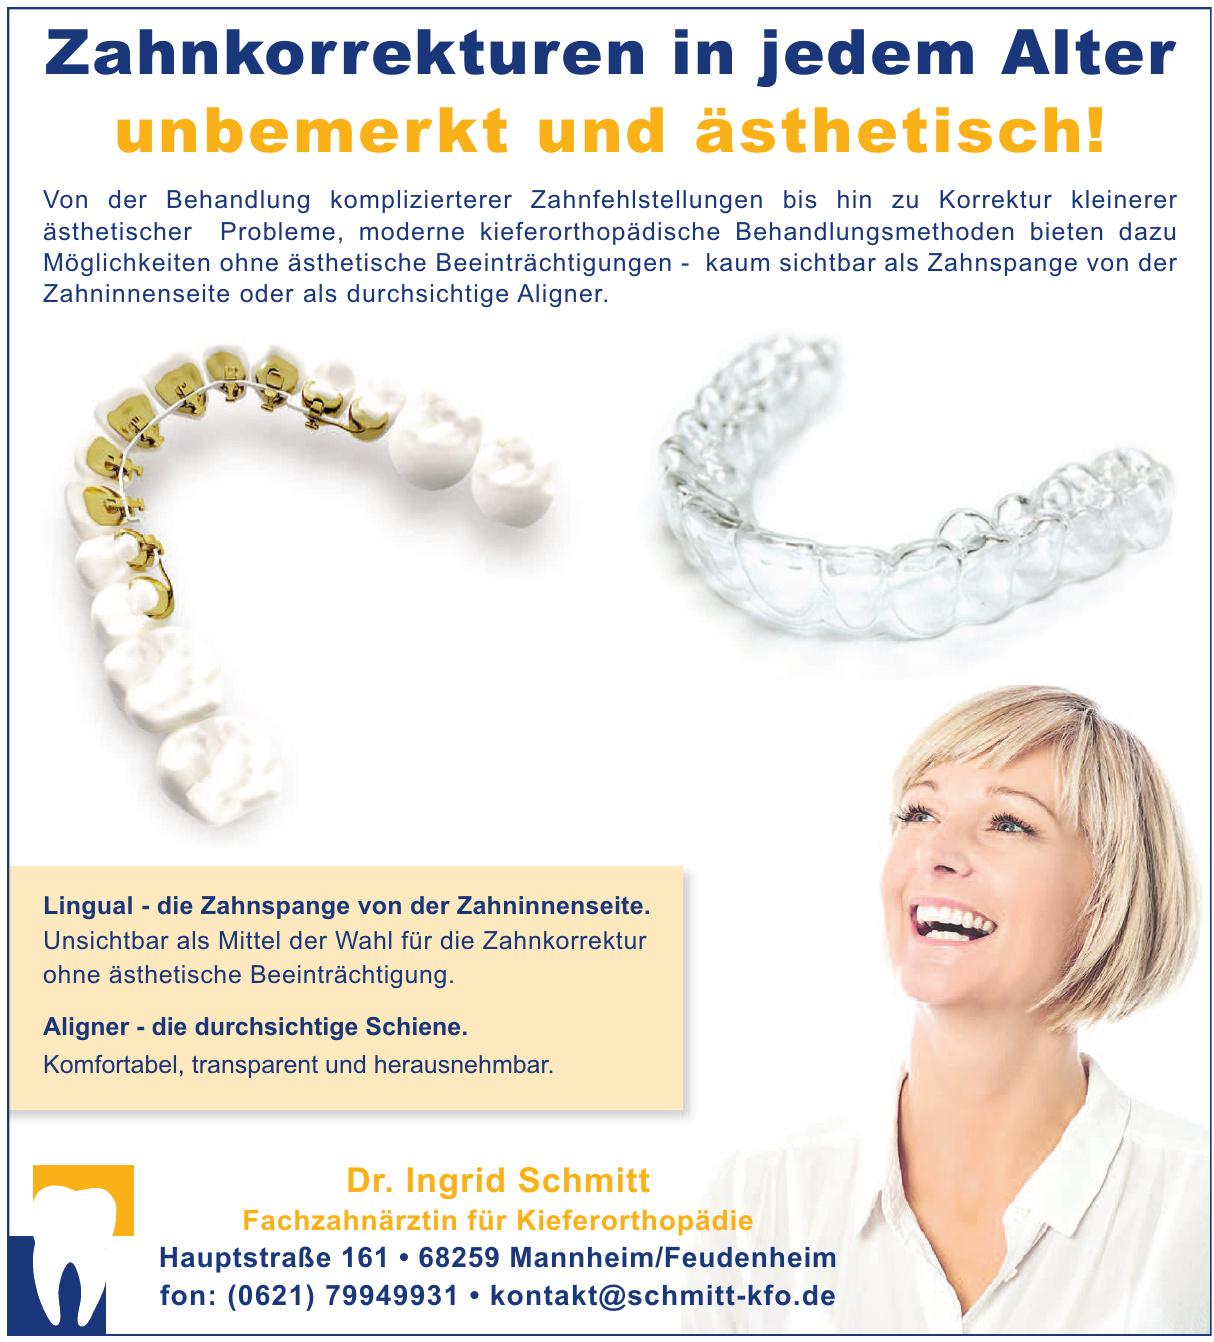 Dr. Ingrid Schmitt Fachzahnärztin für Kieferorthopädie